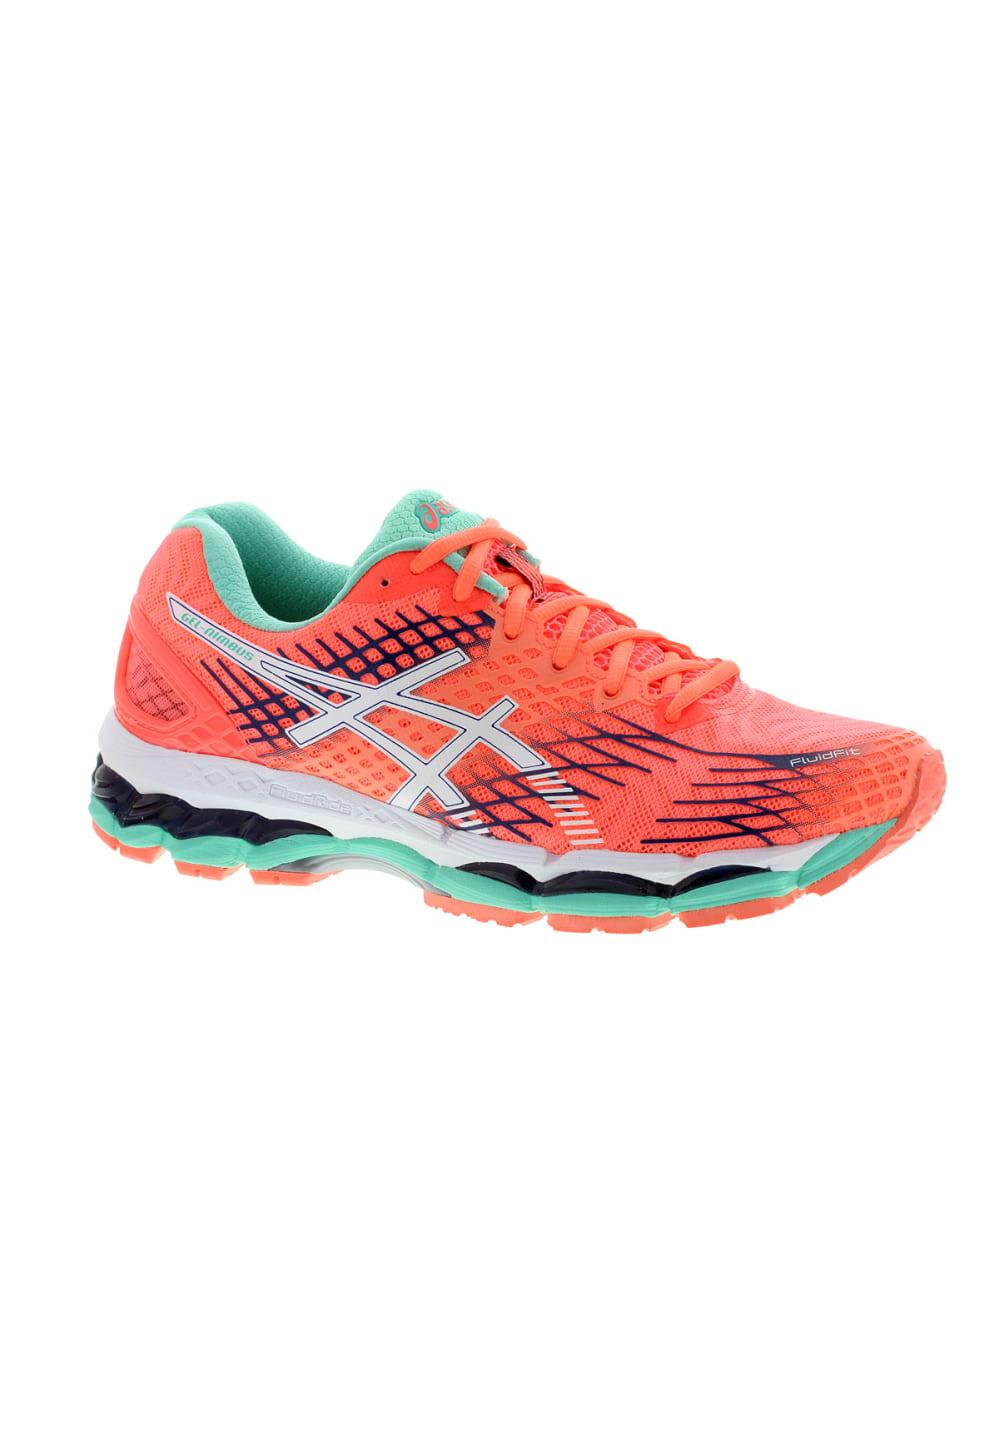 meilleur service 88945 5bd99 ASICS GEL-Nimbus 17 - Running shoes for Women - Grey